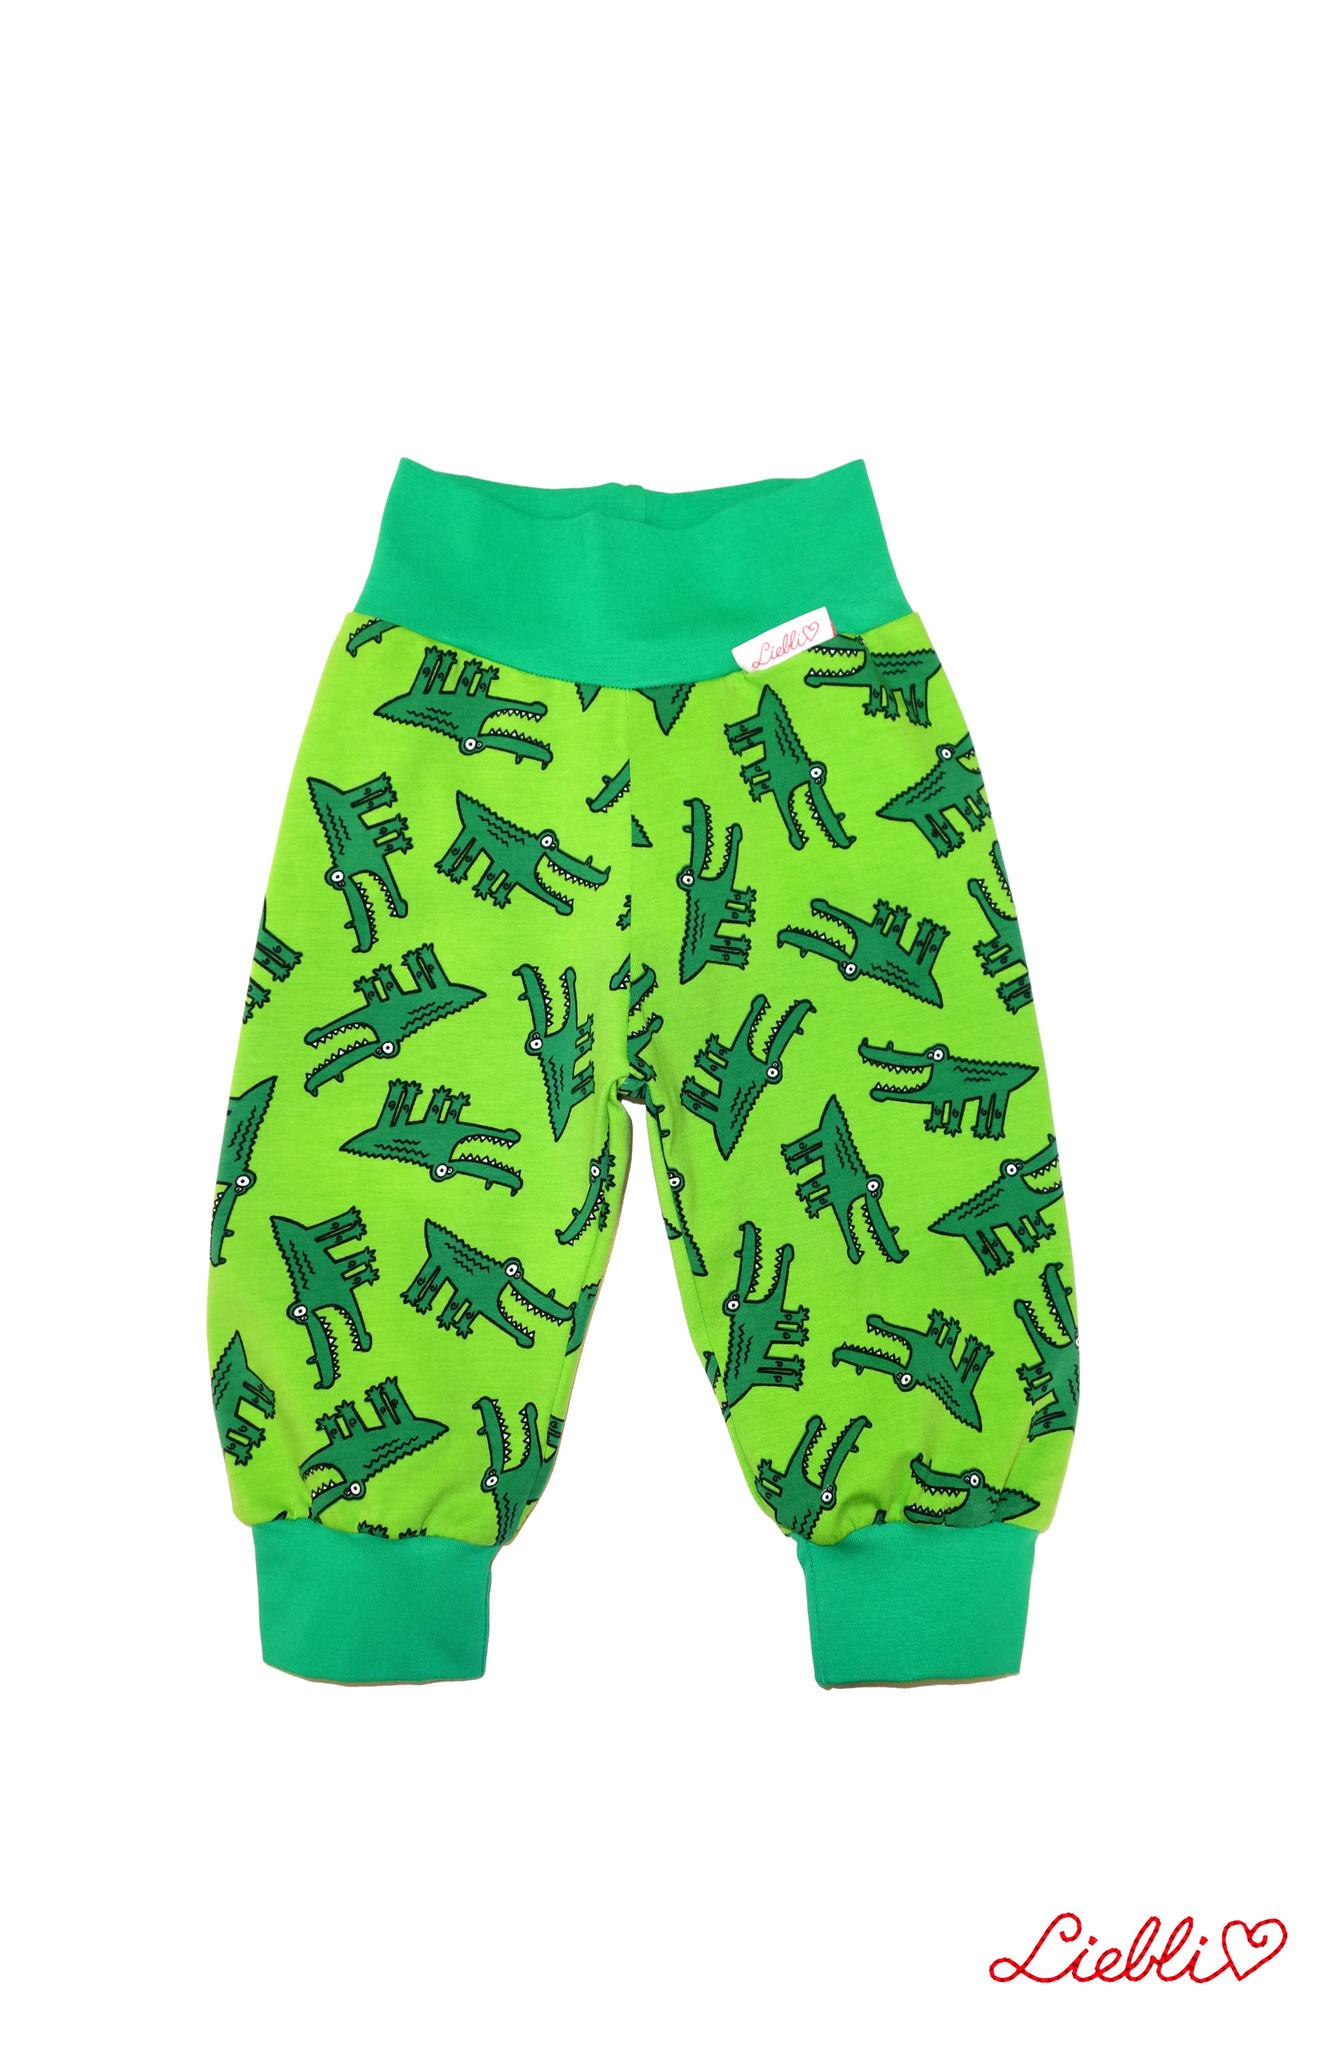 Kinderhose Krokodil grün